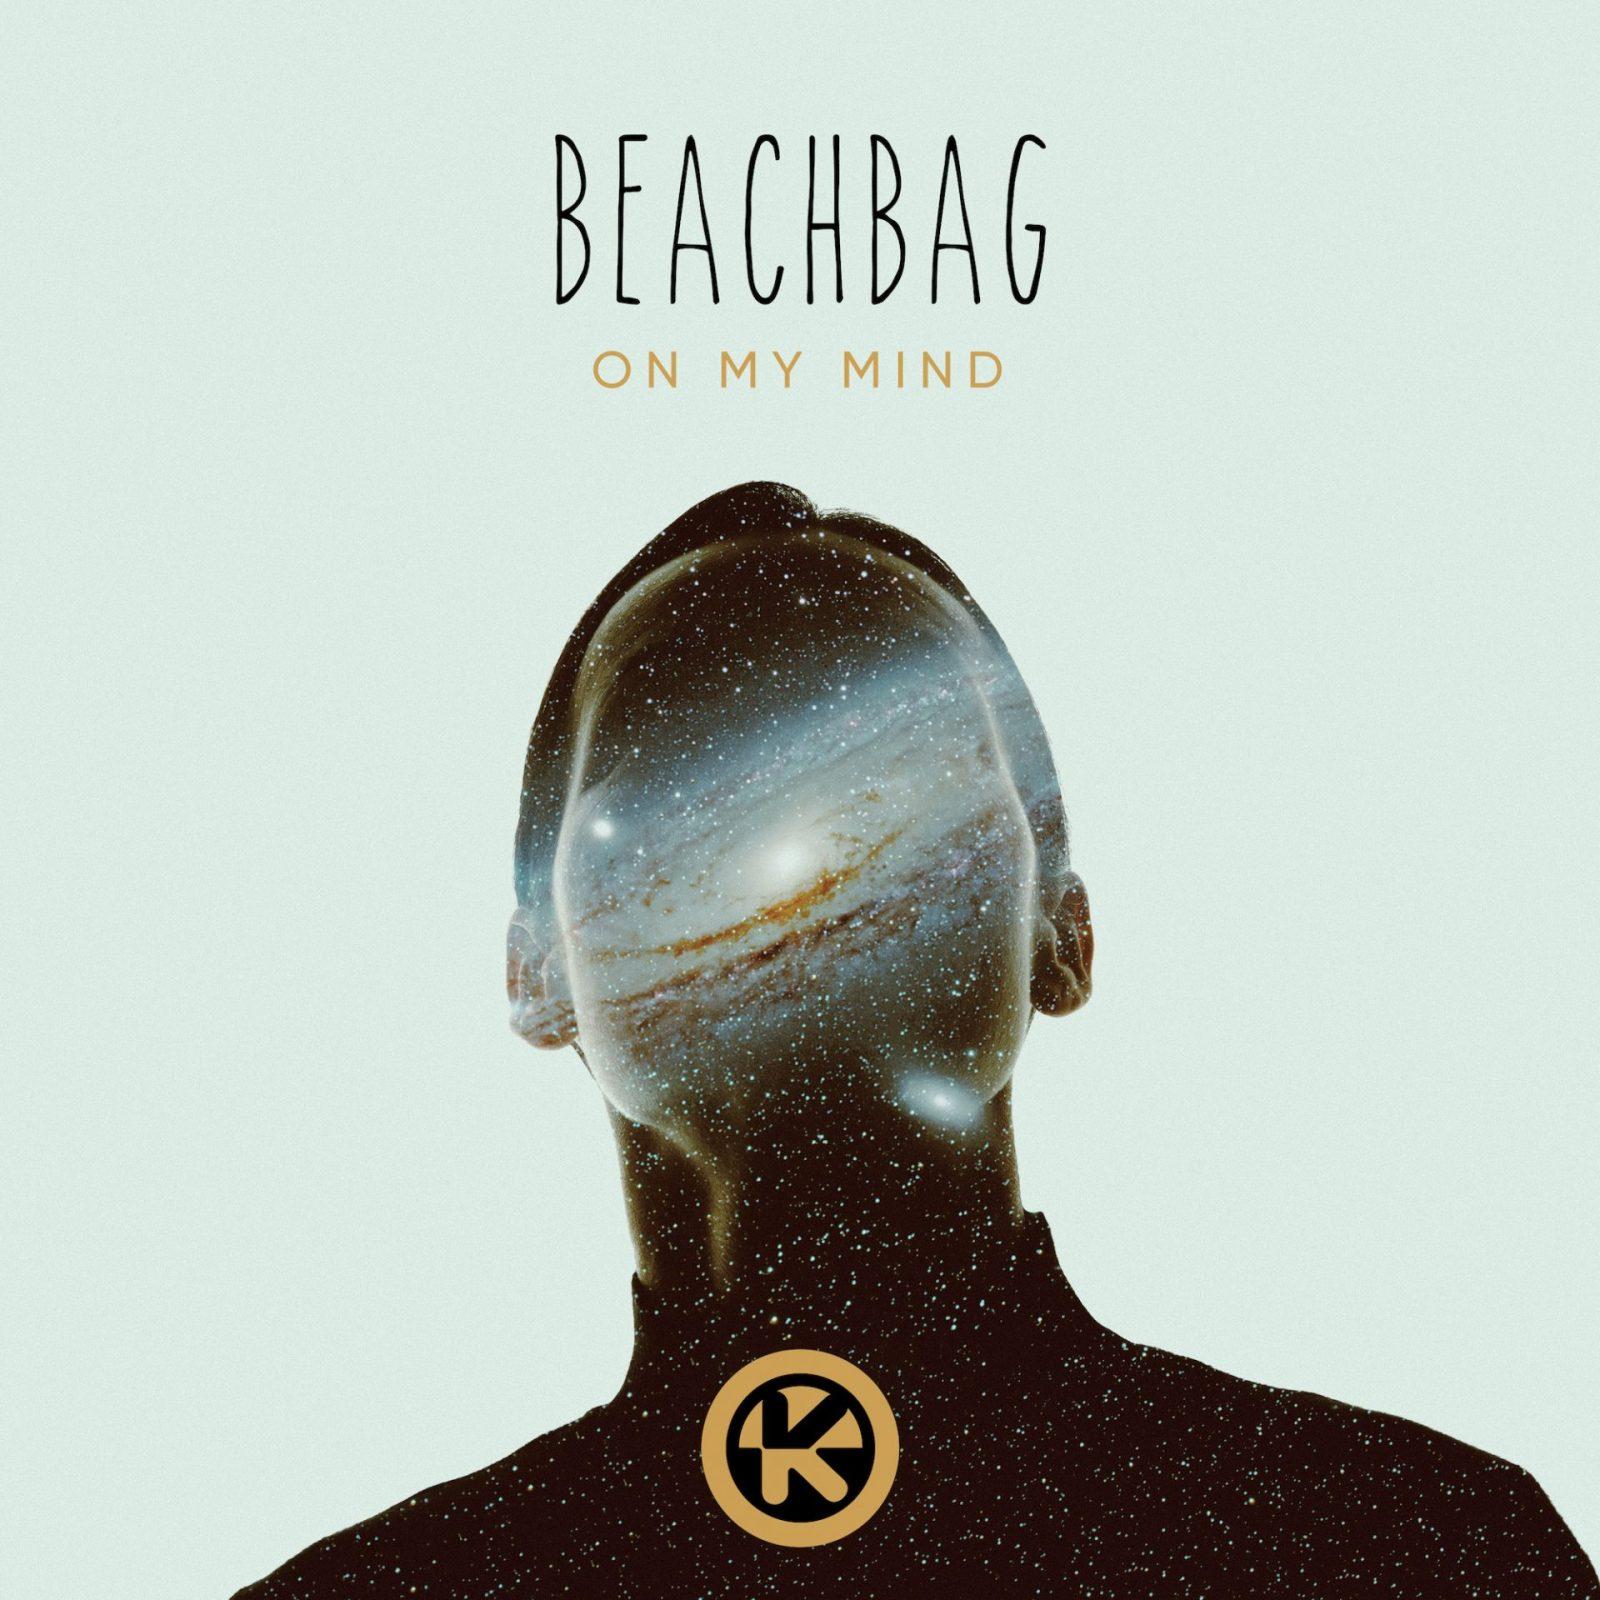 BEACHBAG – ON MY MIND